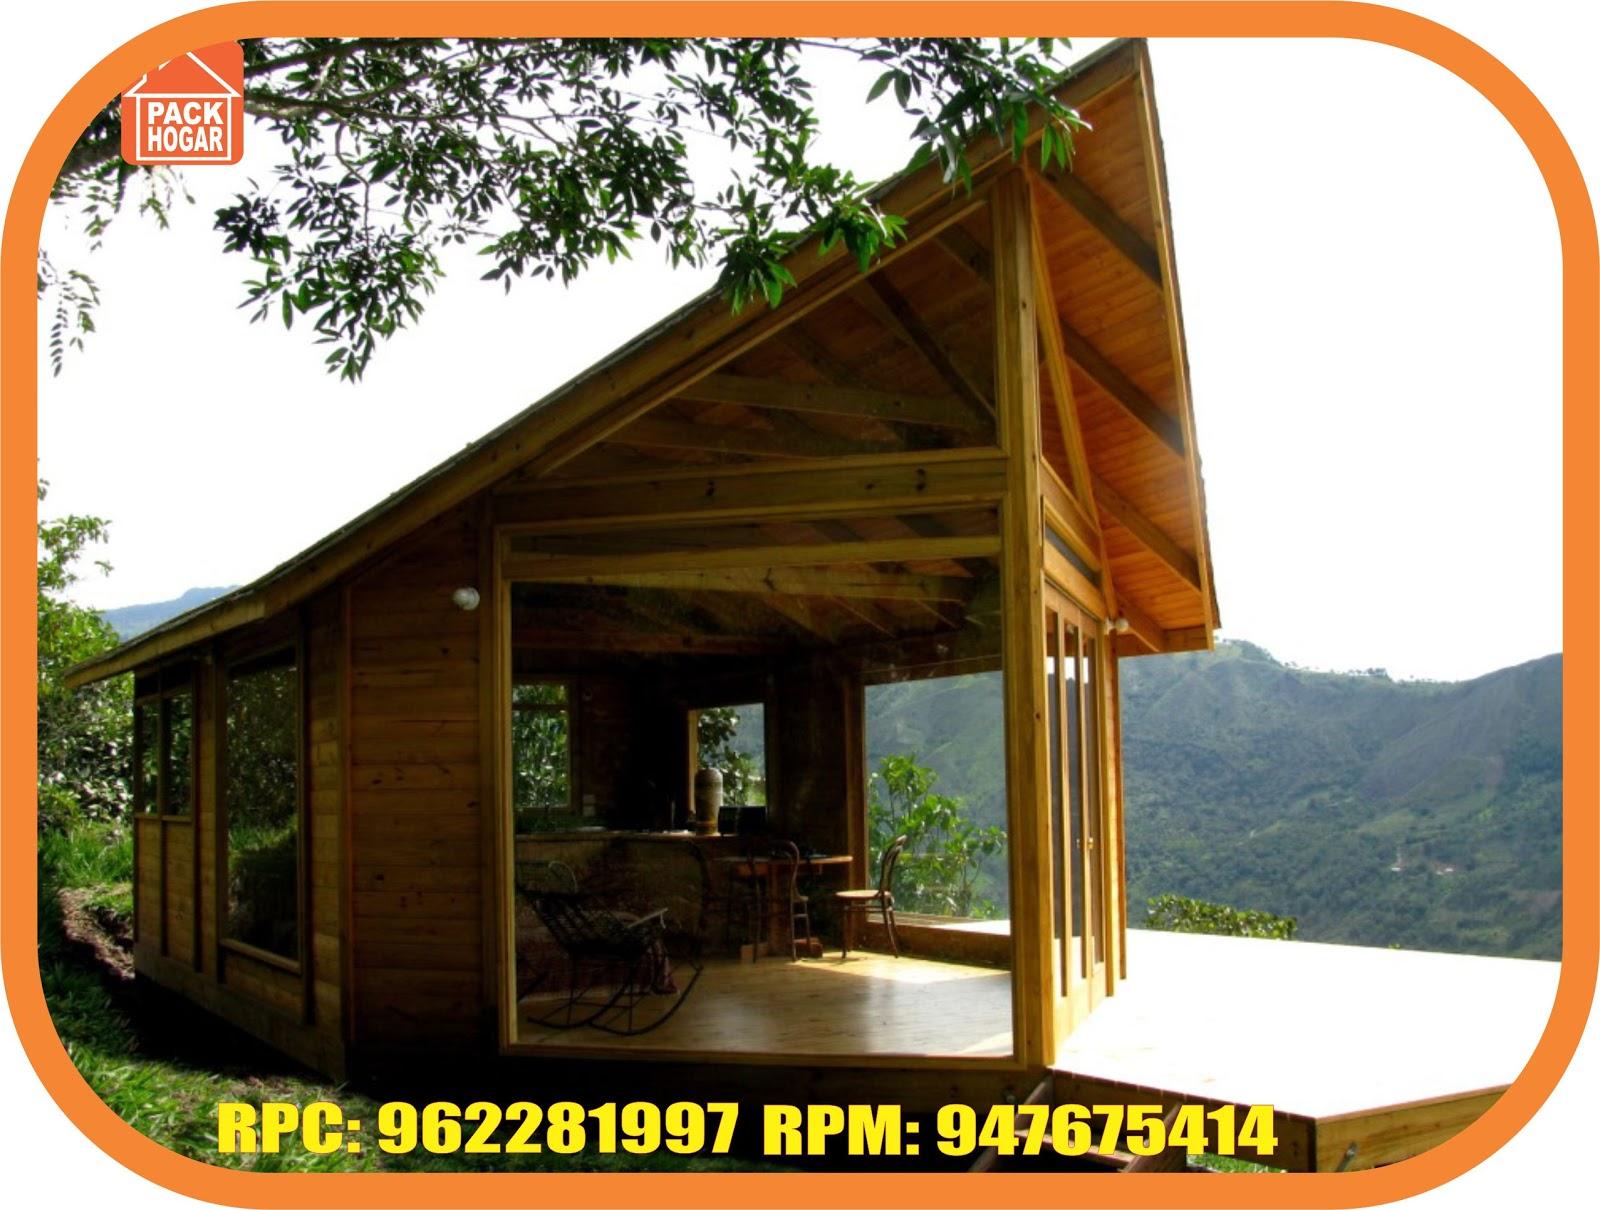 Vivir en casas de madera en le peru - Vivir en una casa de madera ...